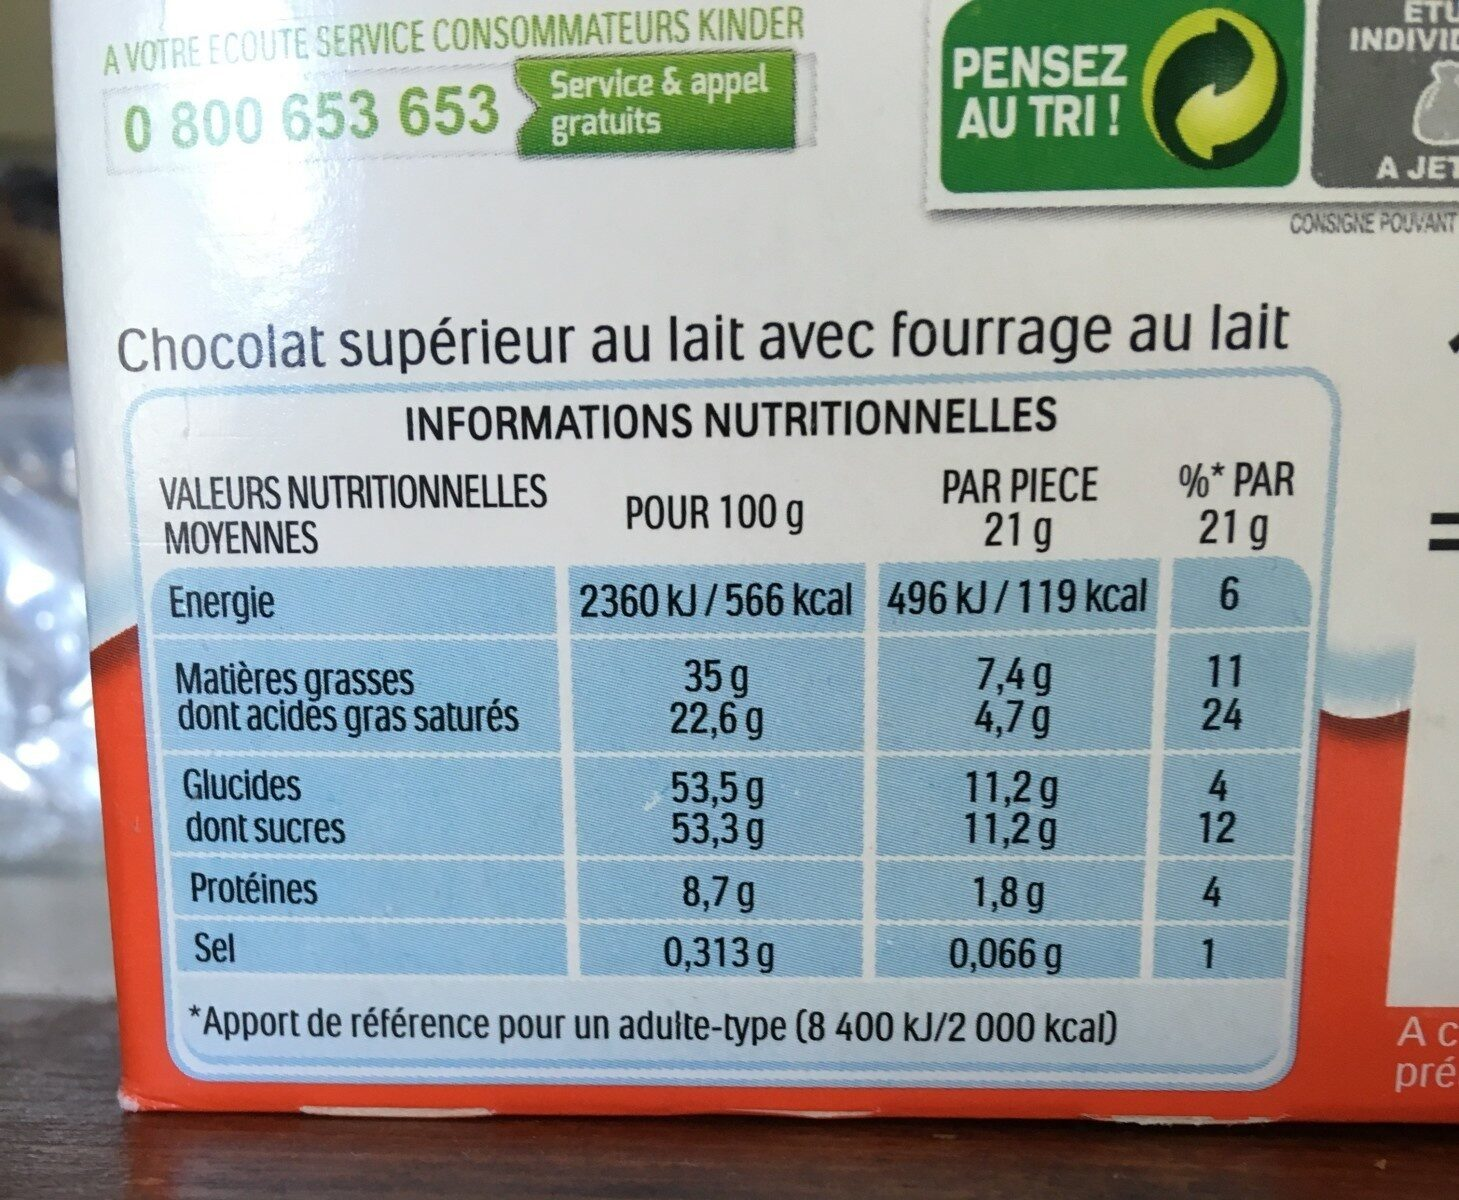 Kinder maxi barre chocolat au lait avec fourrage au lait 10 barres - Nutrition facts - fr